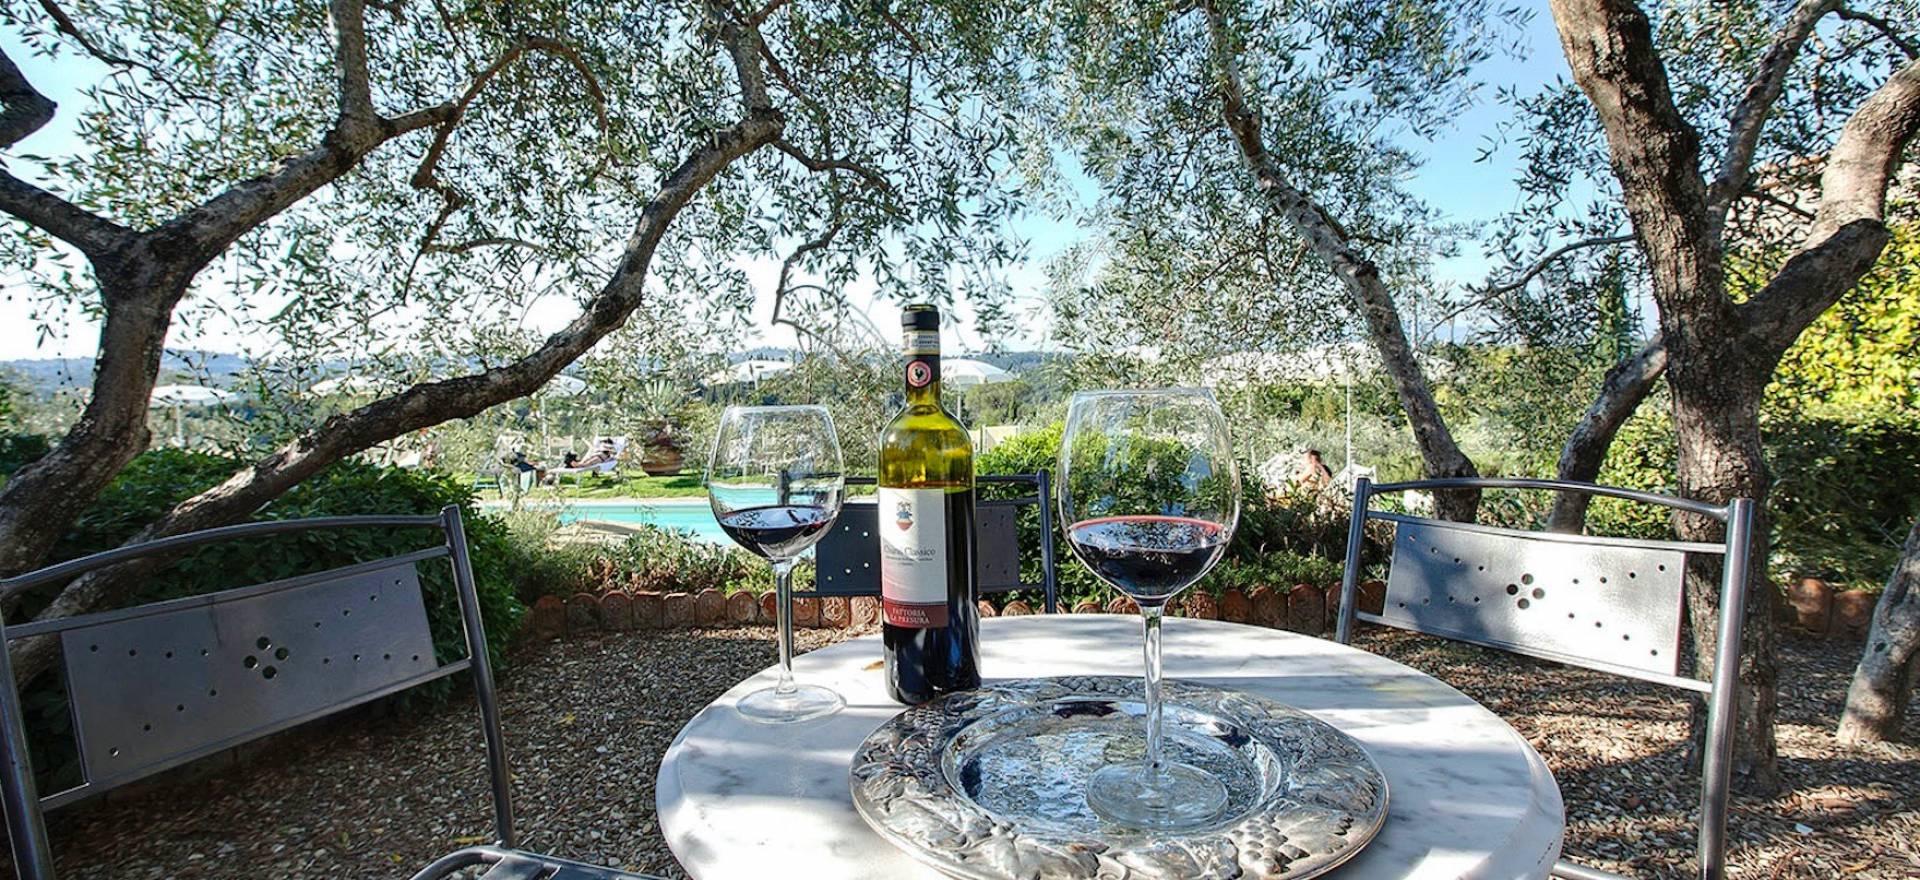 Agriturismo Toscane Agriturismo omgeven door wijngaarden bij Florence, Toscane